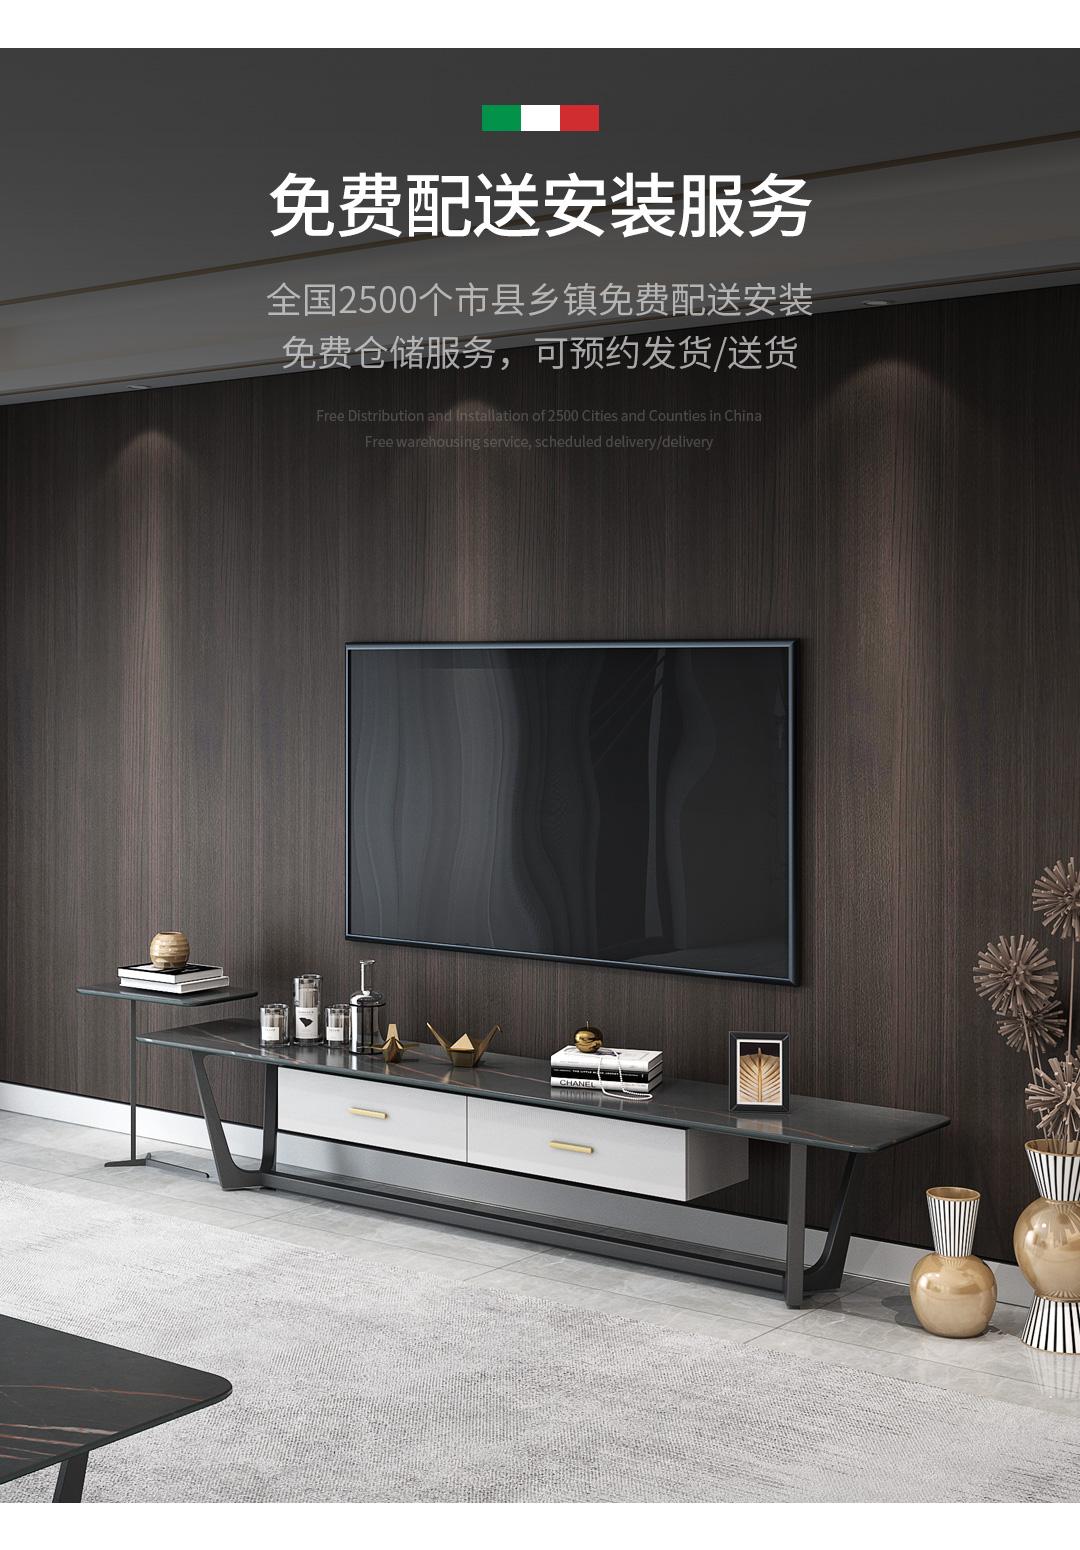 Phòng trà cẩm thạch nhỏ của nước Mỹ kết hợp tủ truyền hình Northern Light nhập khẩu văn phòng phòng